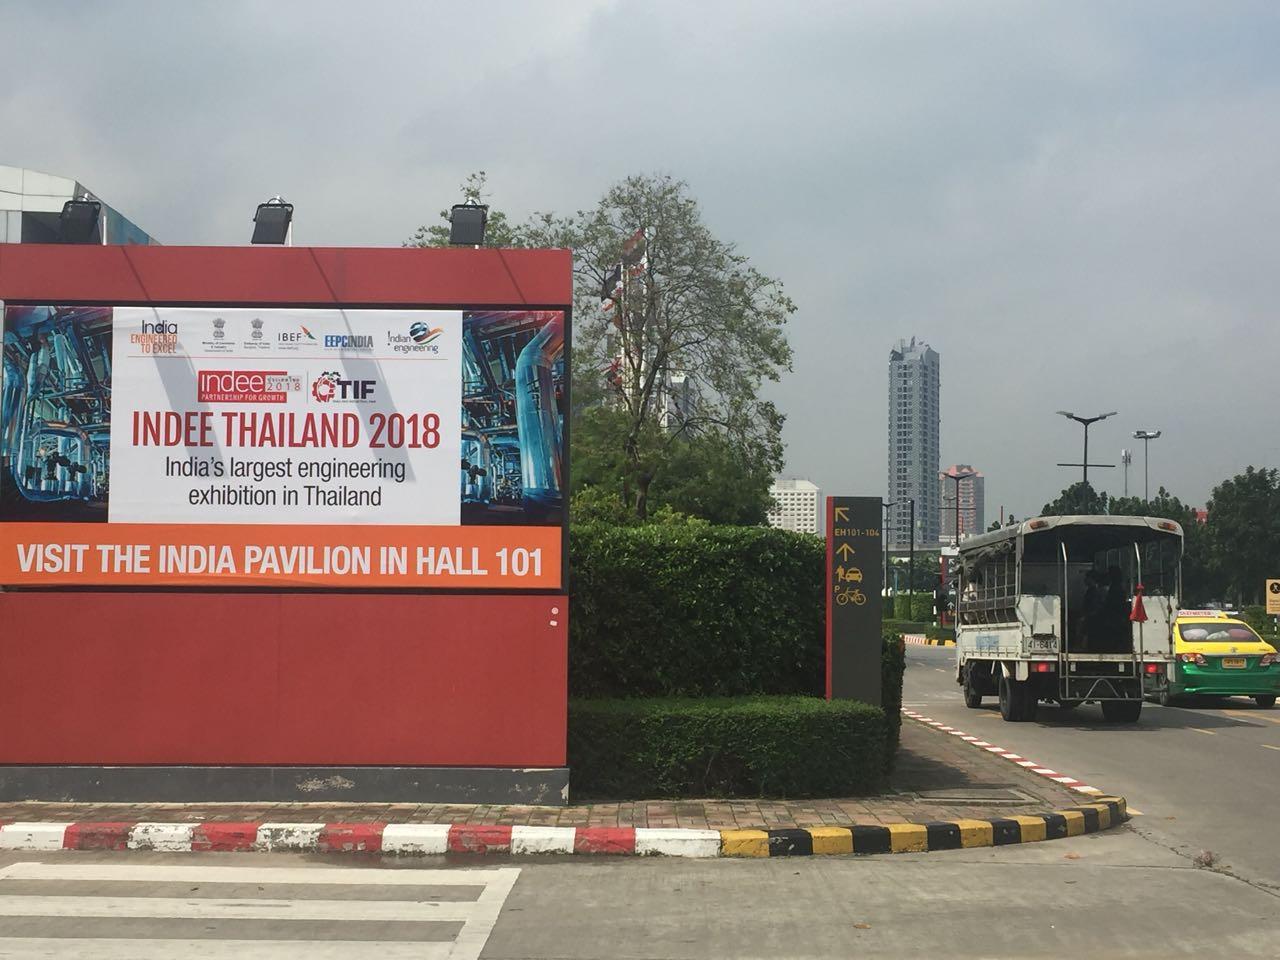 INDEE THAILAND